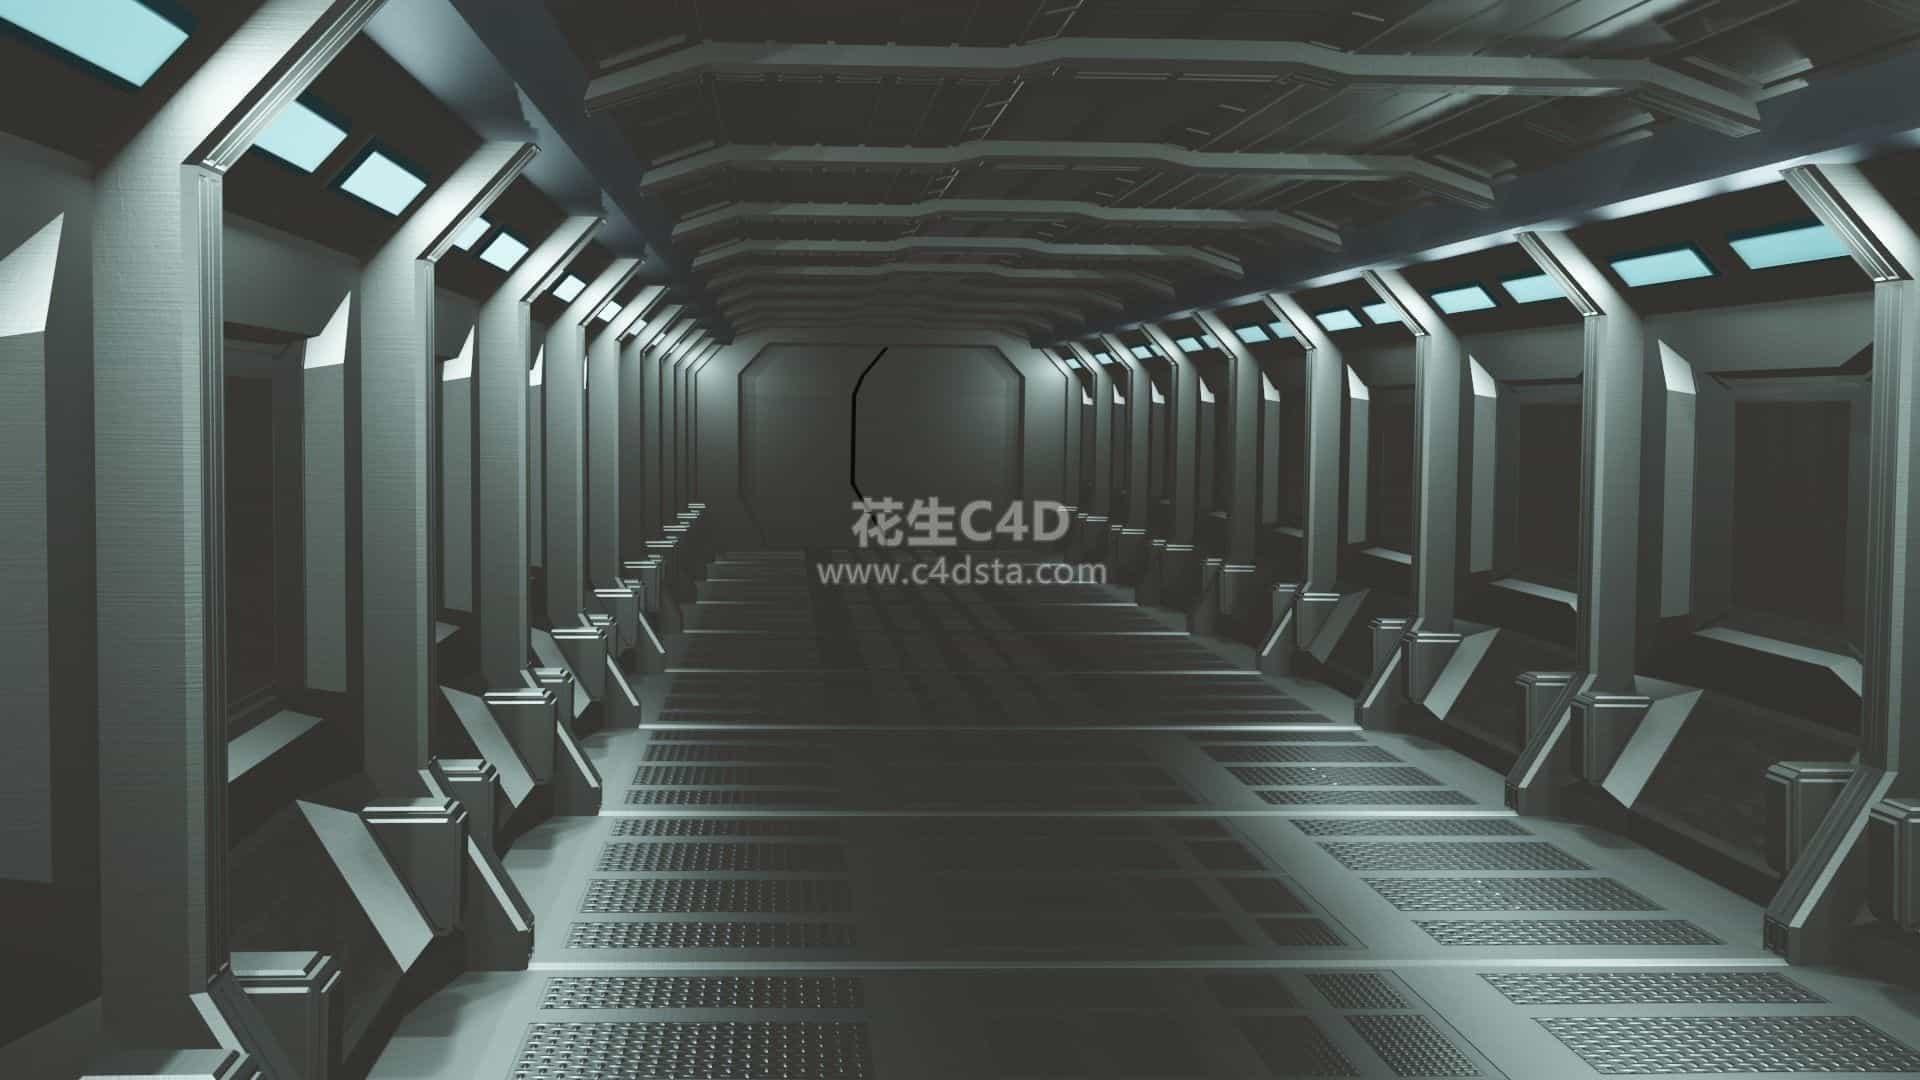 三维模型-科幻概念场景太空舱空间站走廊模型 626CG资源站